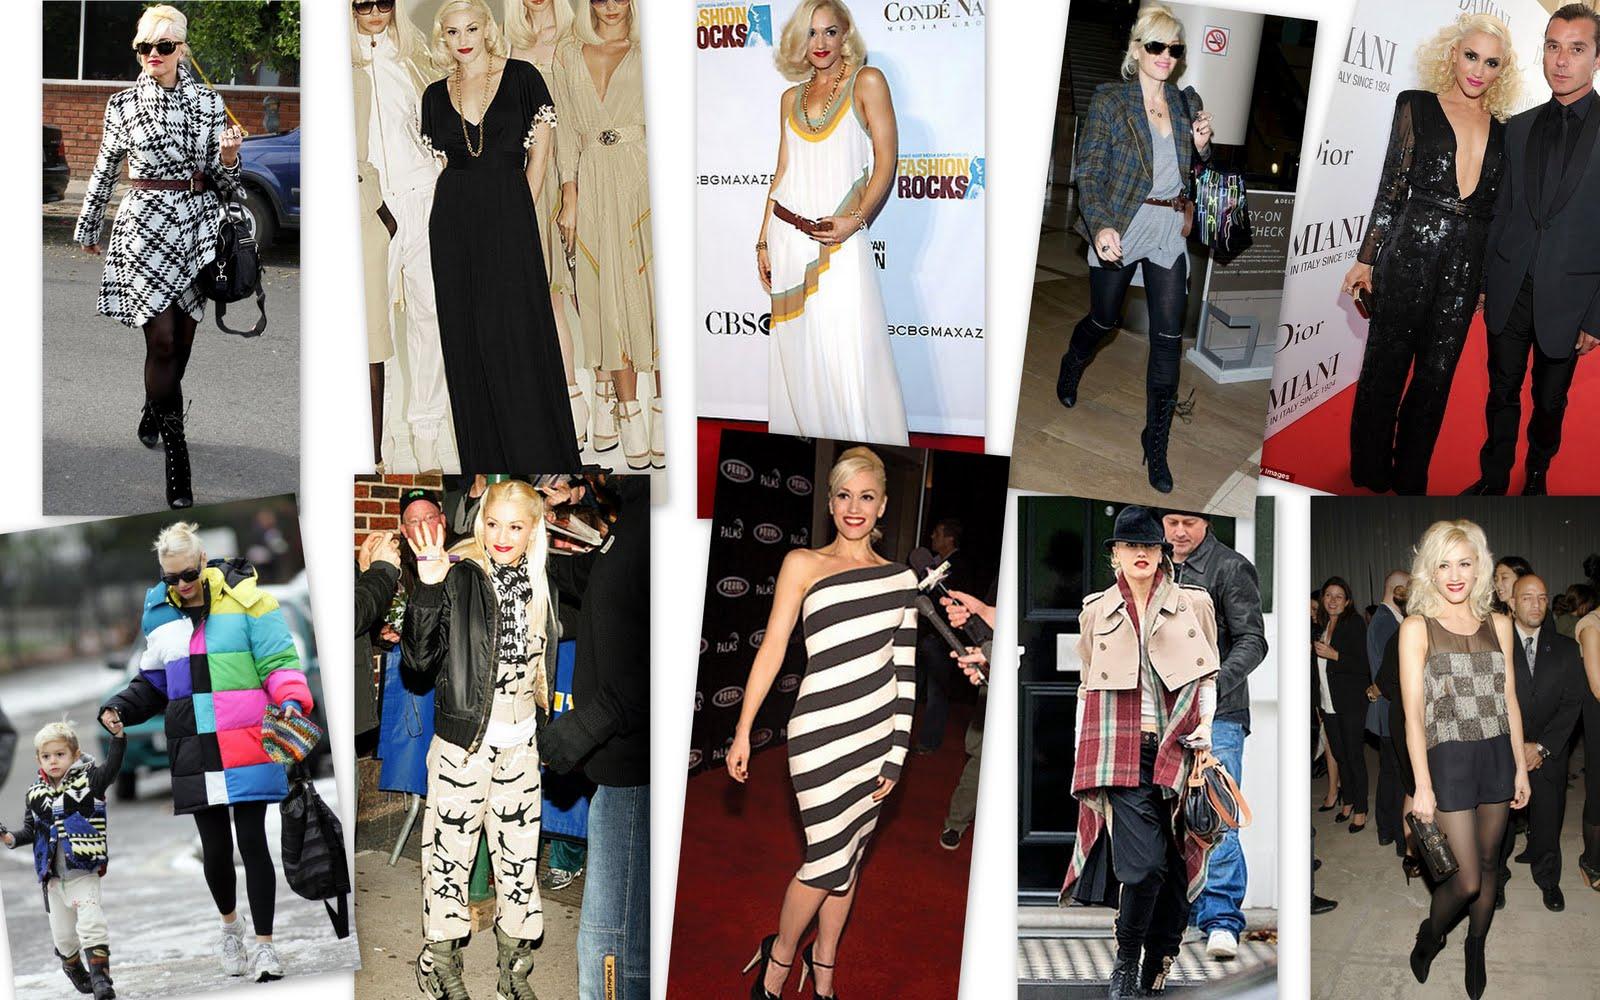 http://4.bp.blogspot.com/-mYTiCESEtCY/TiJRZMmiVwI/AAAAAAAAAOA/SfTFrMWEF7s/s1600/gstefani-collage2.jpg